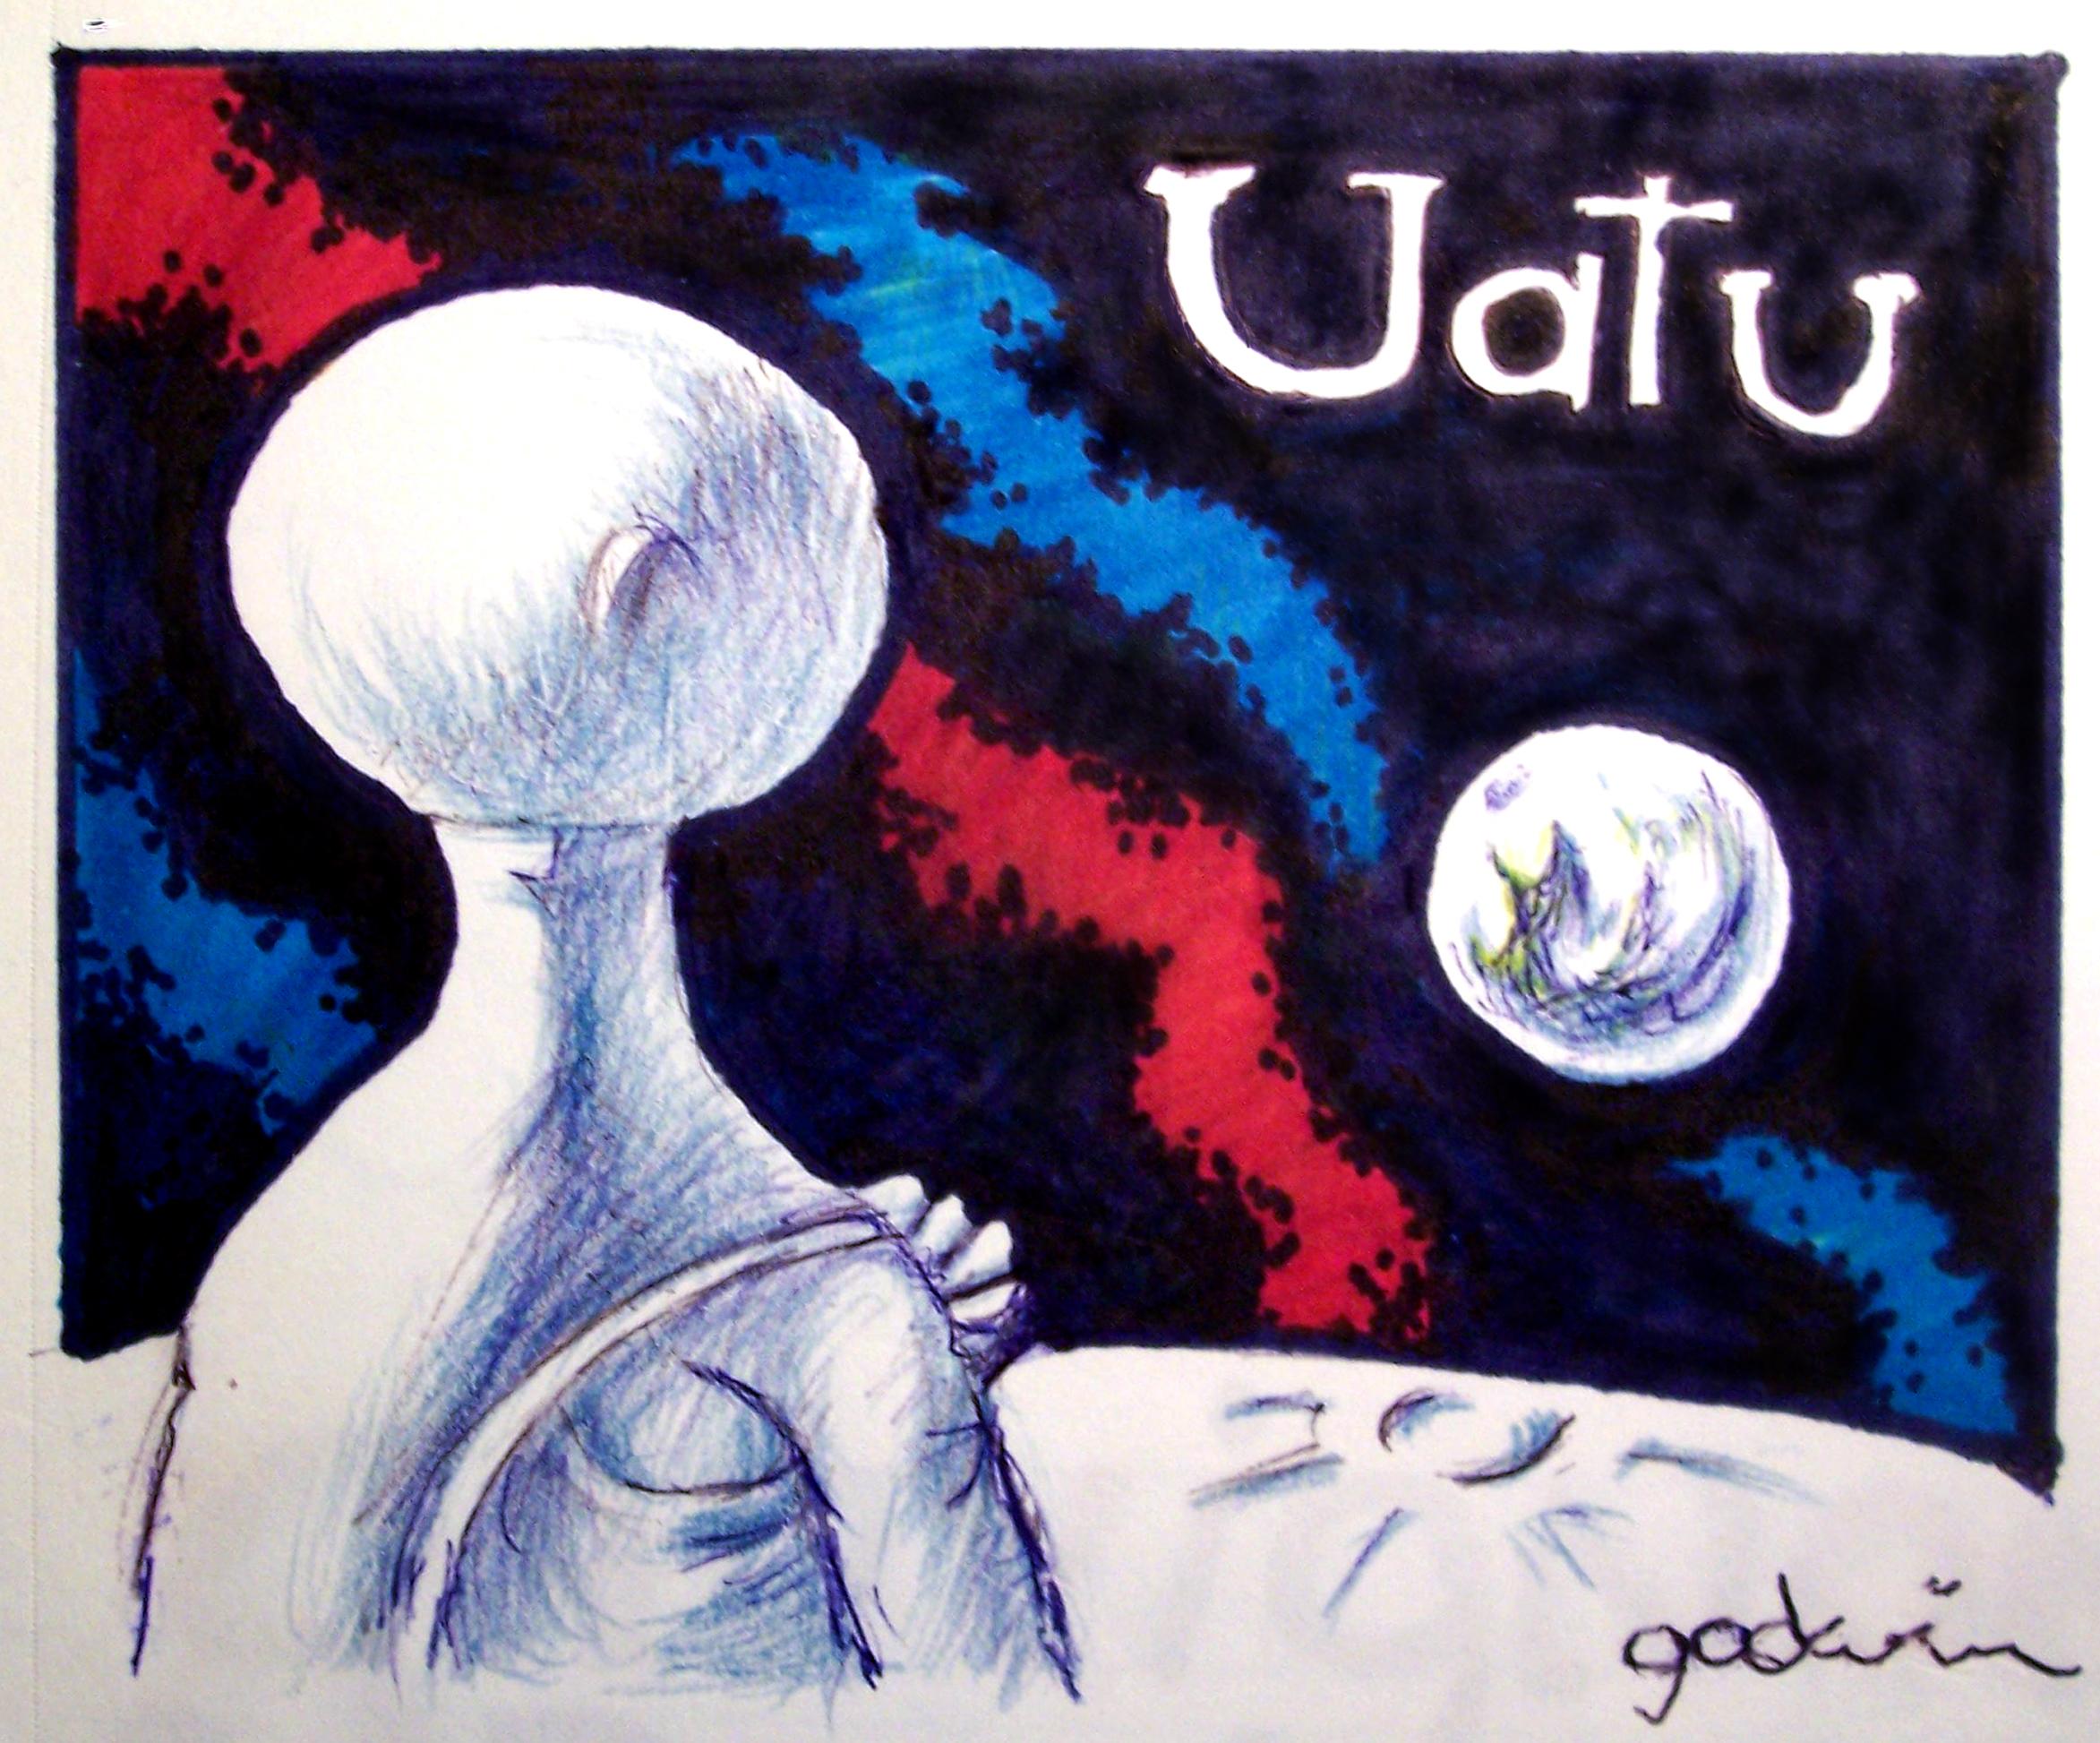 uatu 002